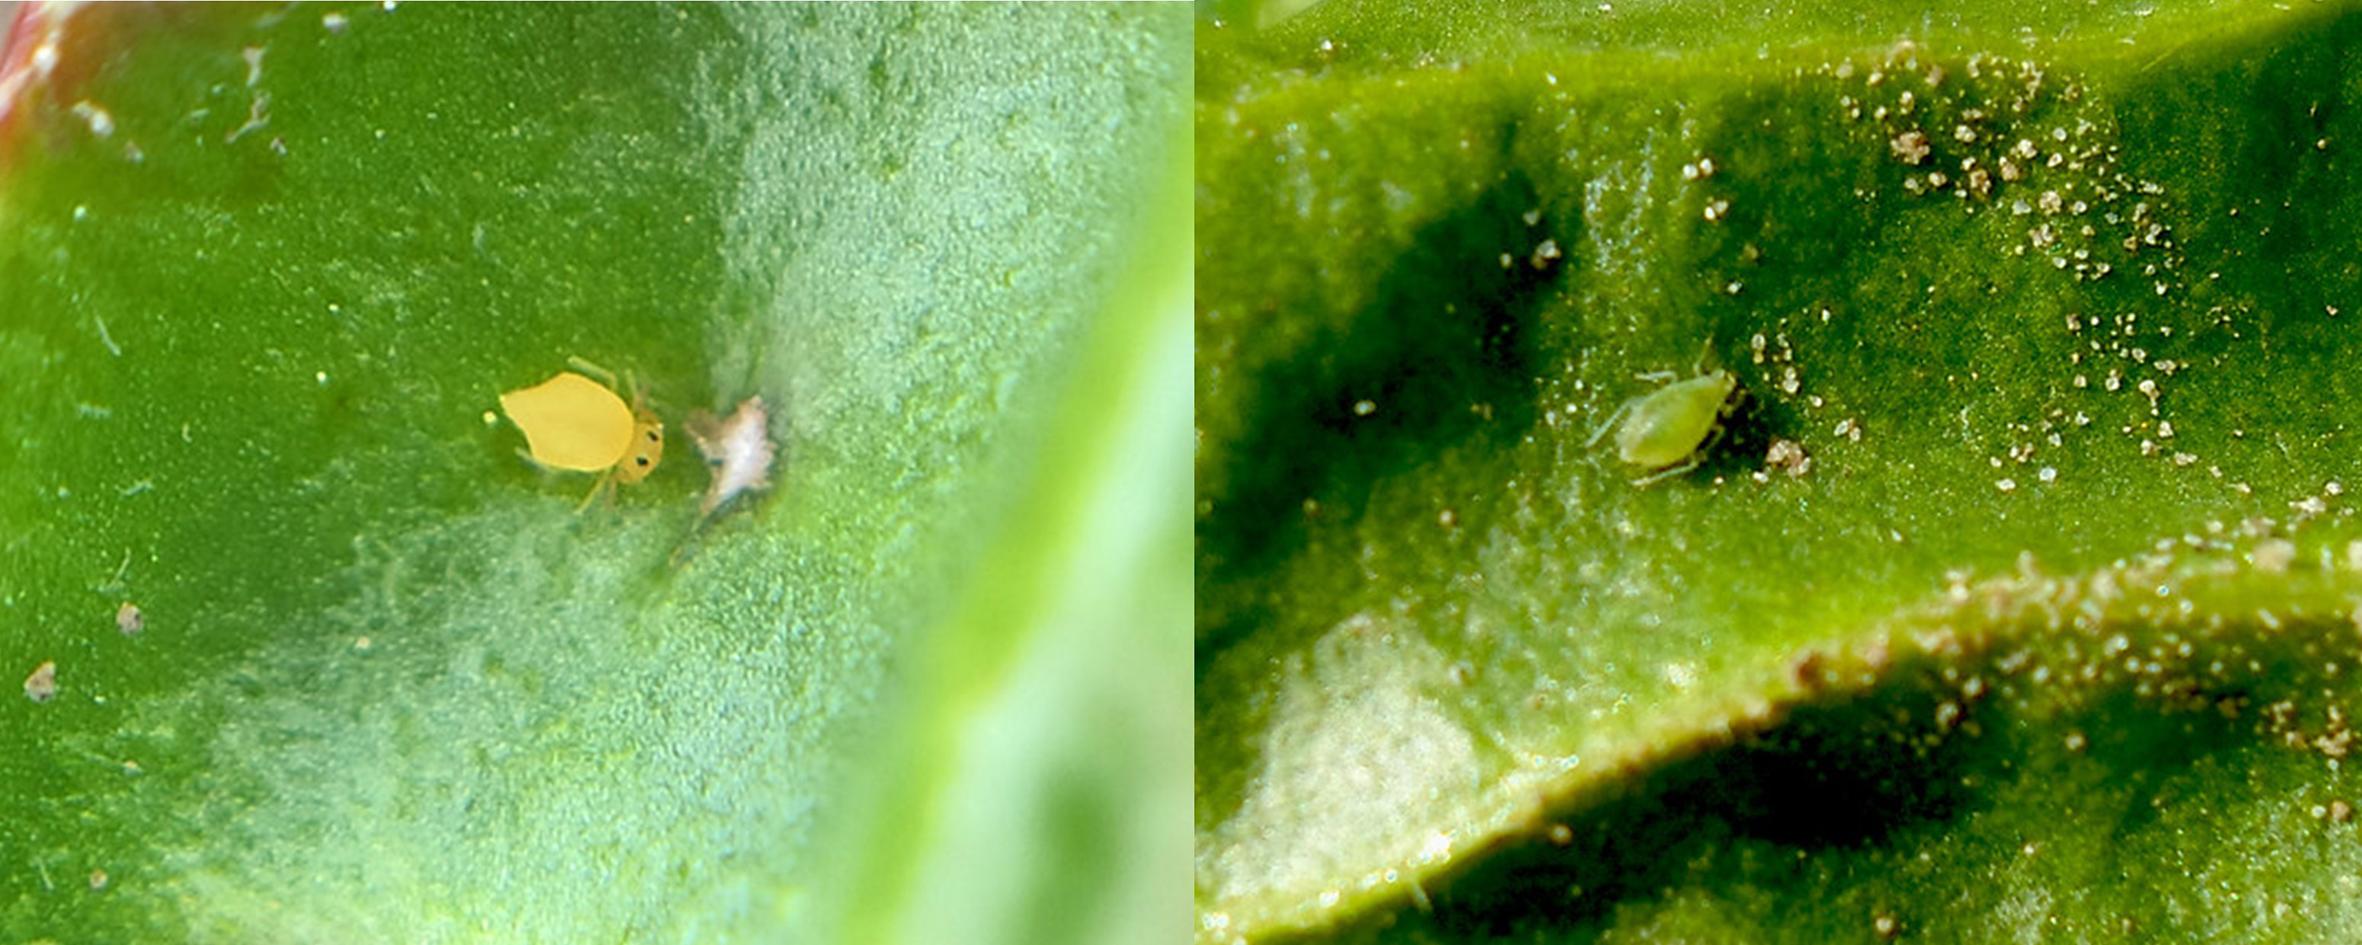 Sommige insecten lijken op groene bladluizen, maar zijn het niet